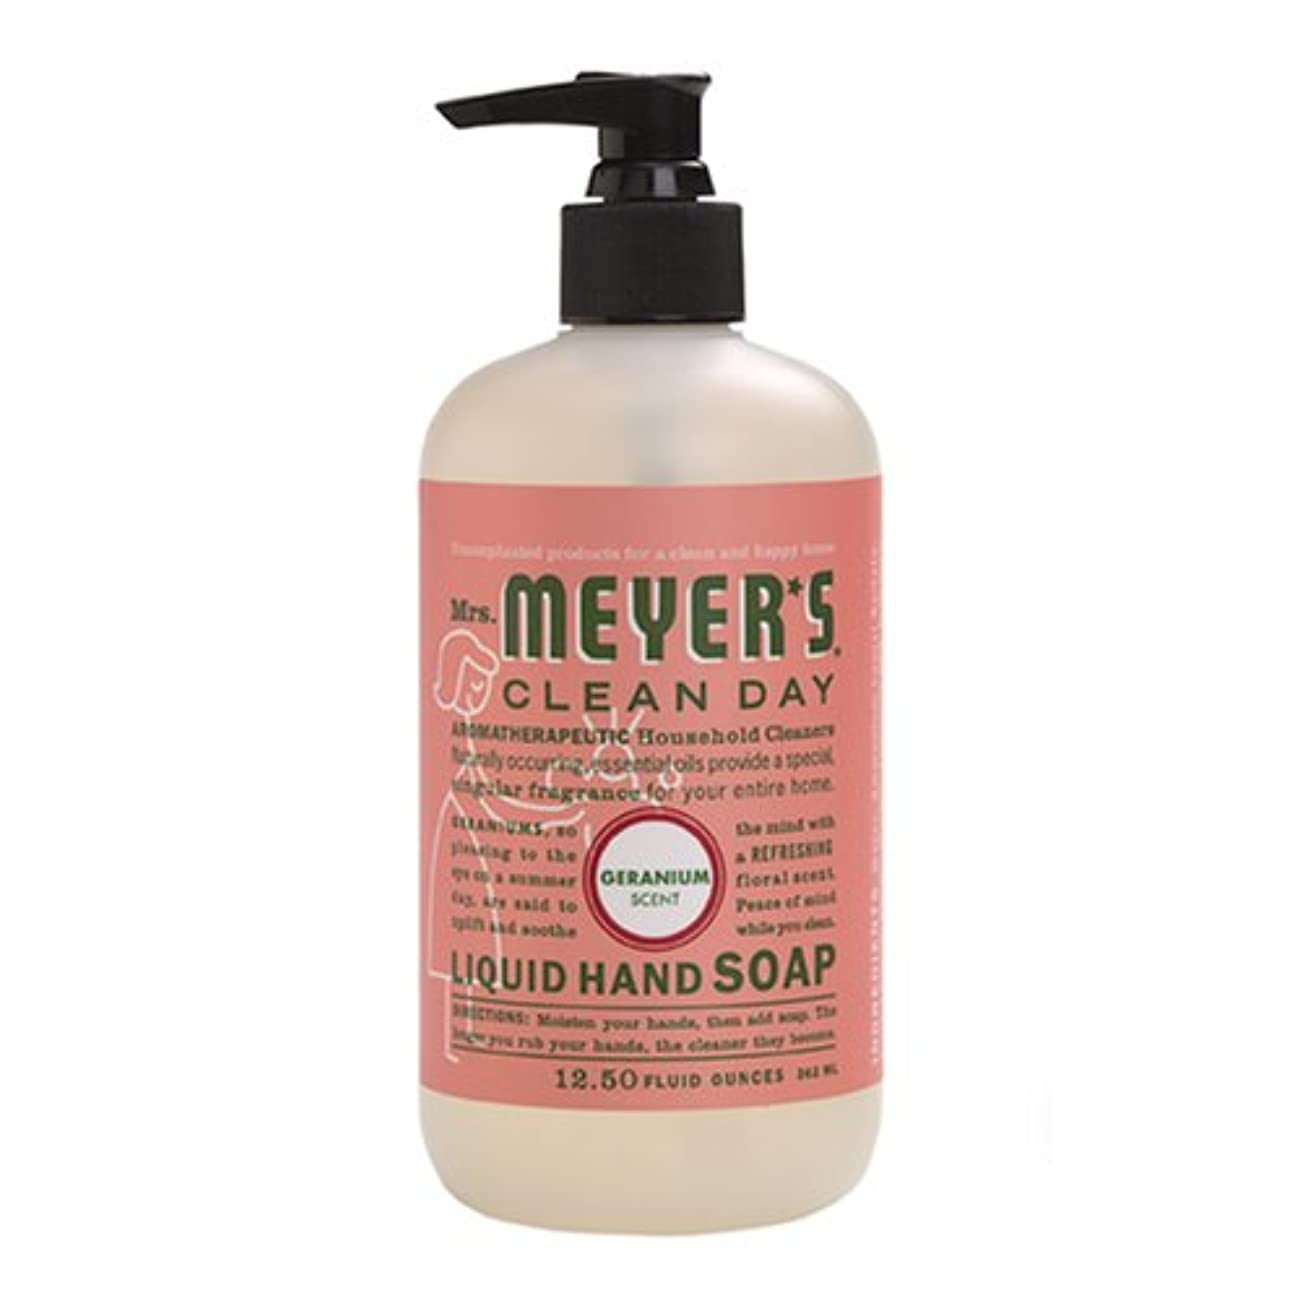 くつろぐ石油望むMrs. Meyers Clean Day, Liquid Hand Soap, Geranium Scent, 12.5 fl oz (370 ml)